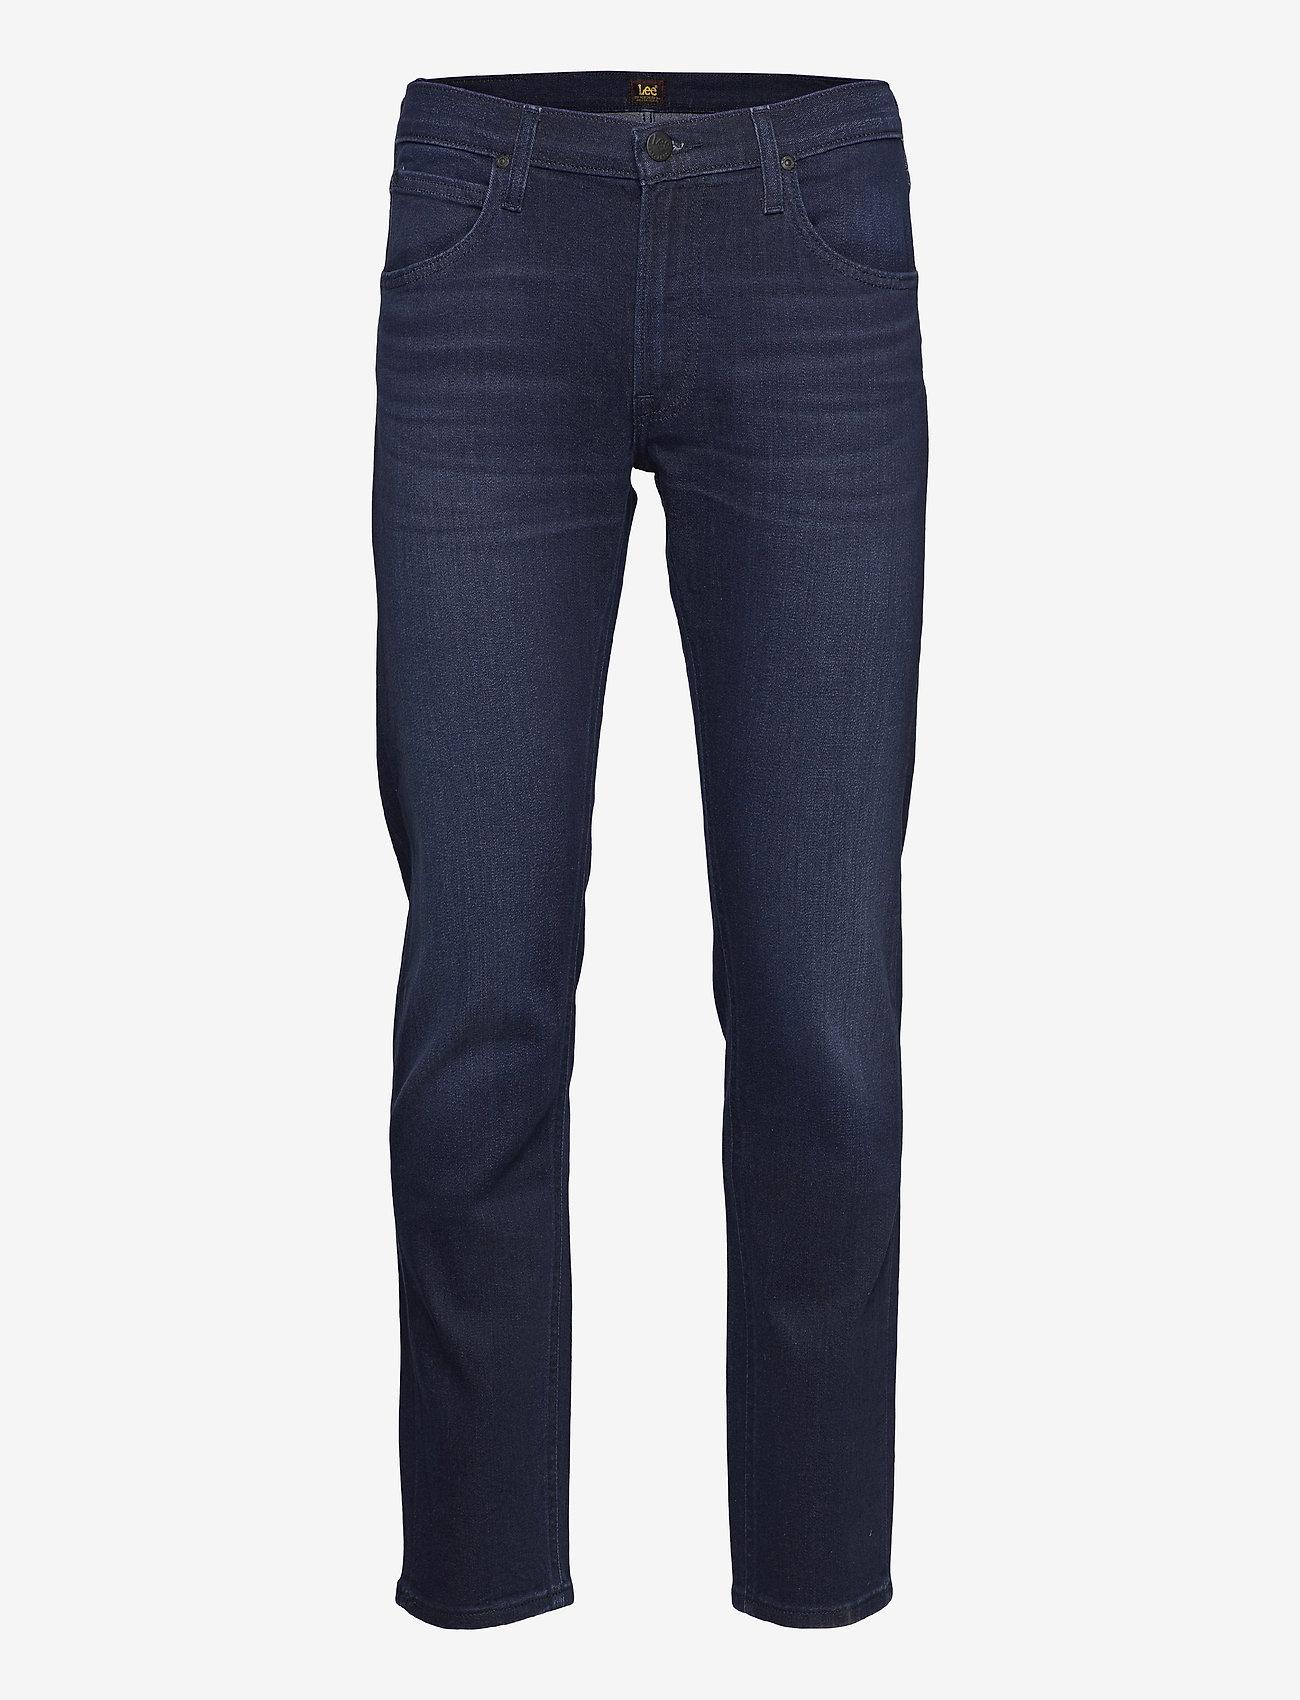 Lee Jeans - DAREN ZIP FLY - regular jeans - clean dk ray - 0